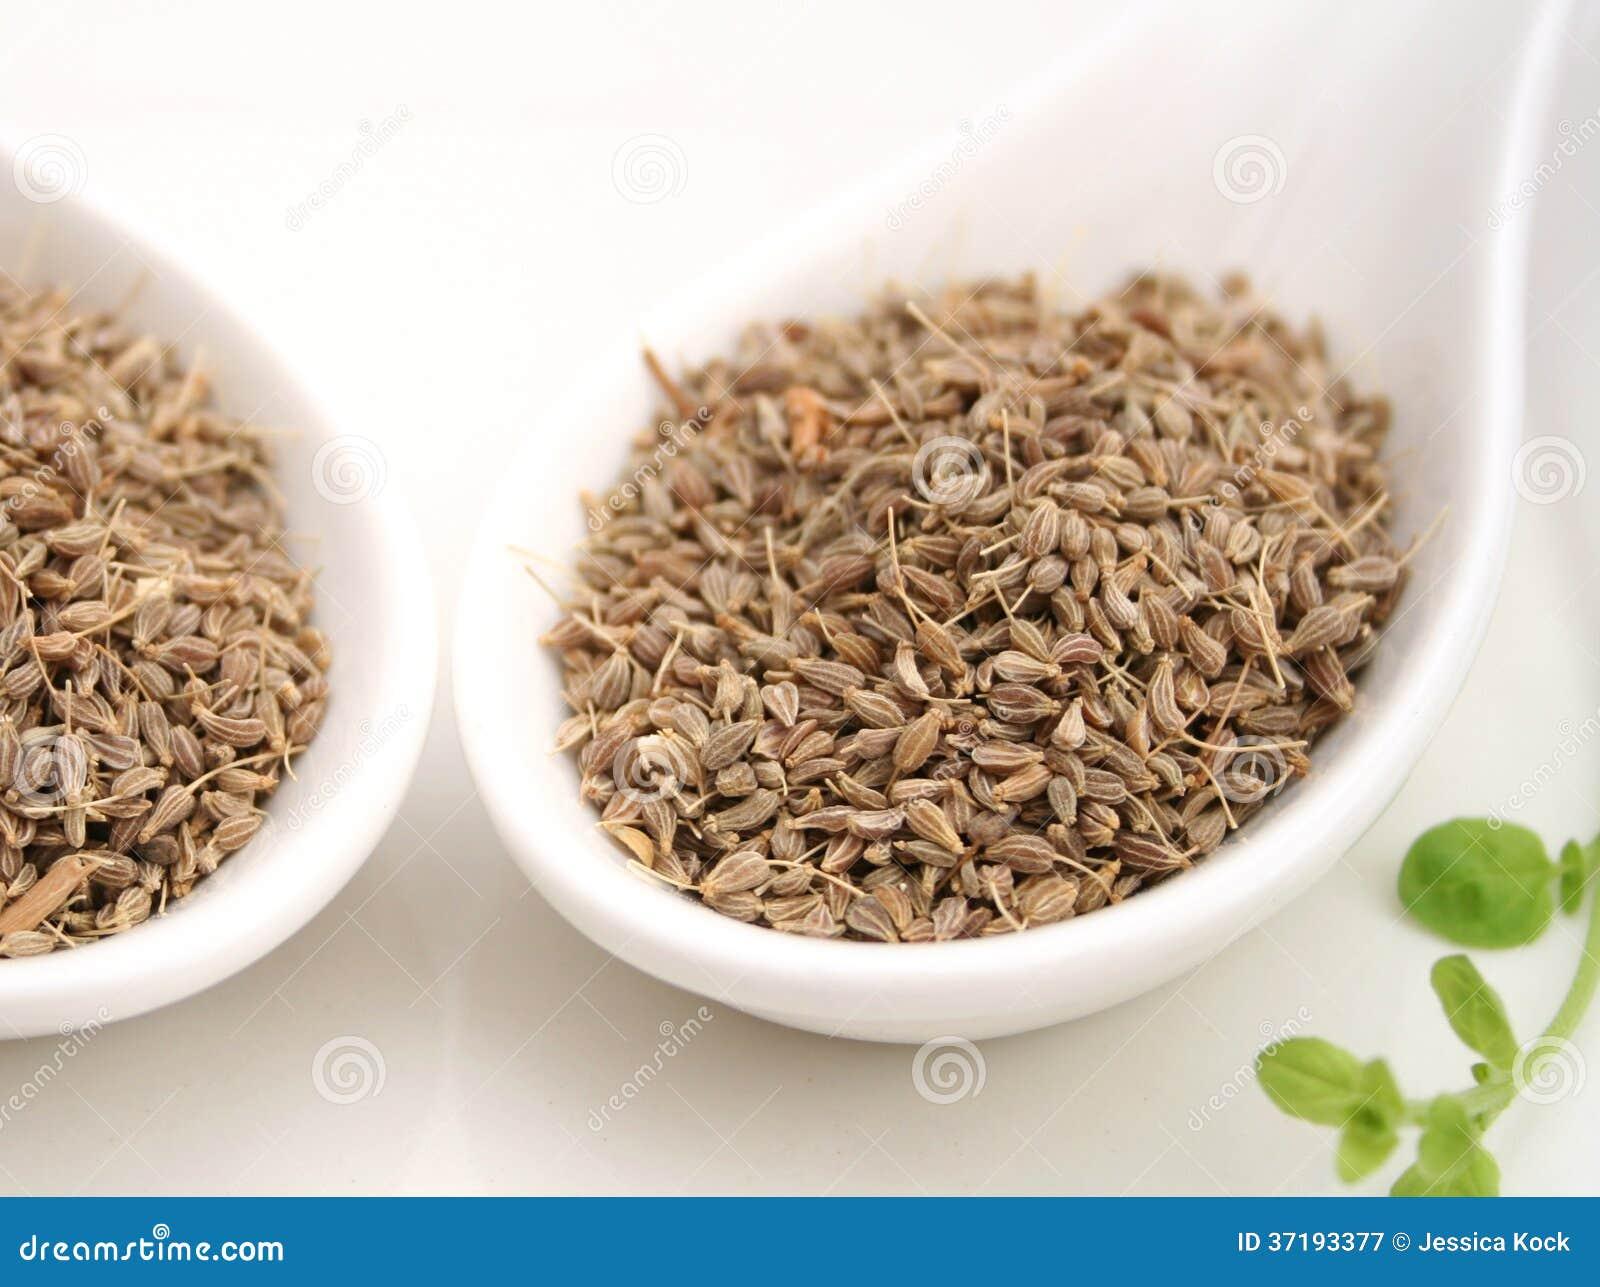 Anis seeds